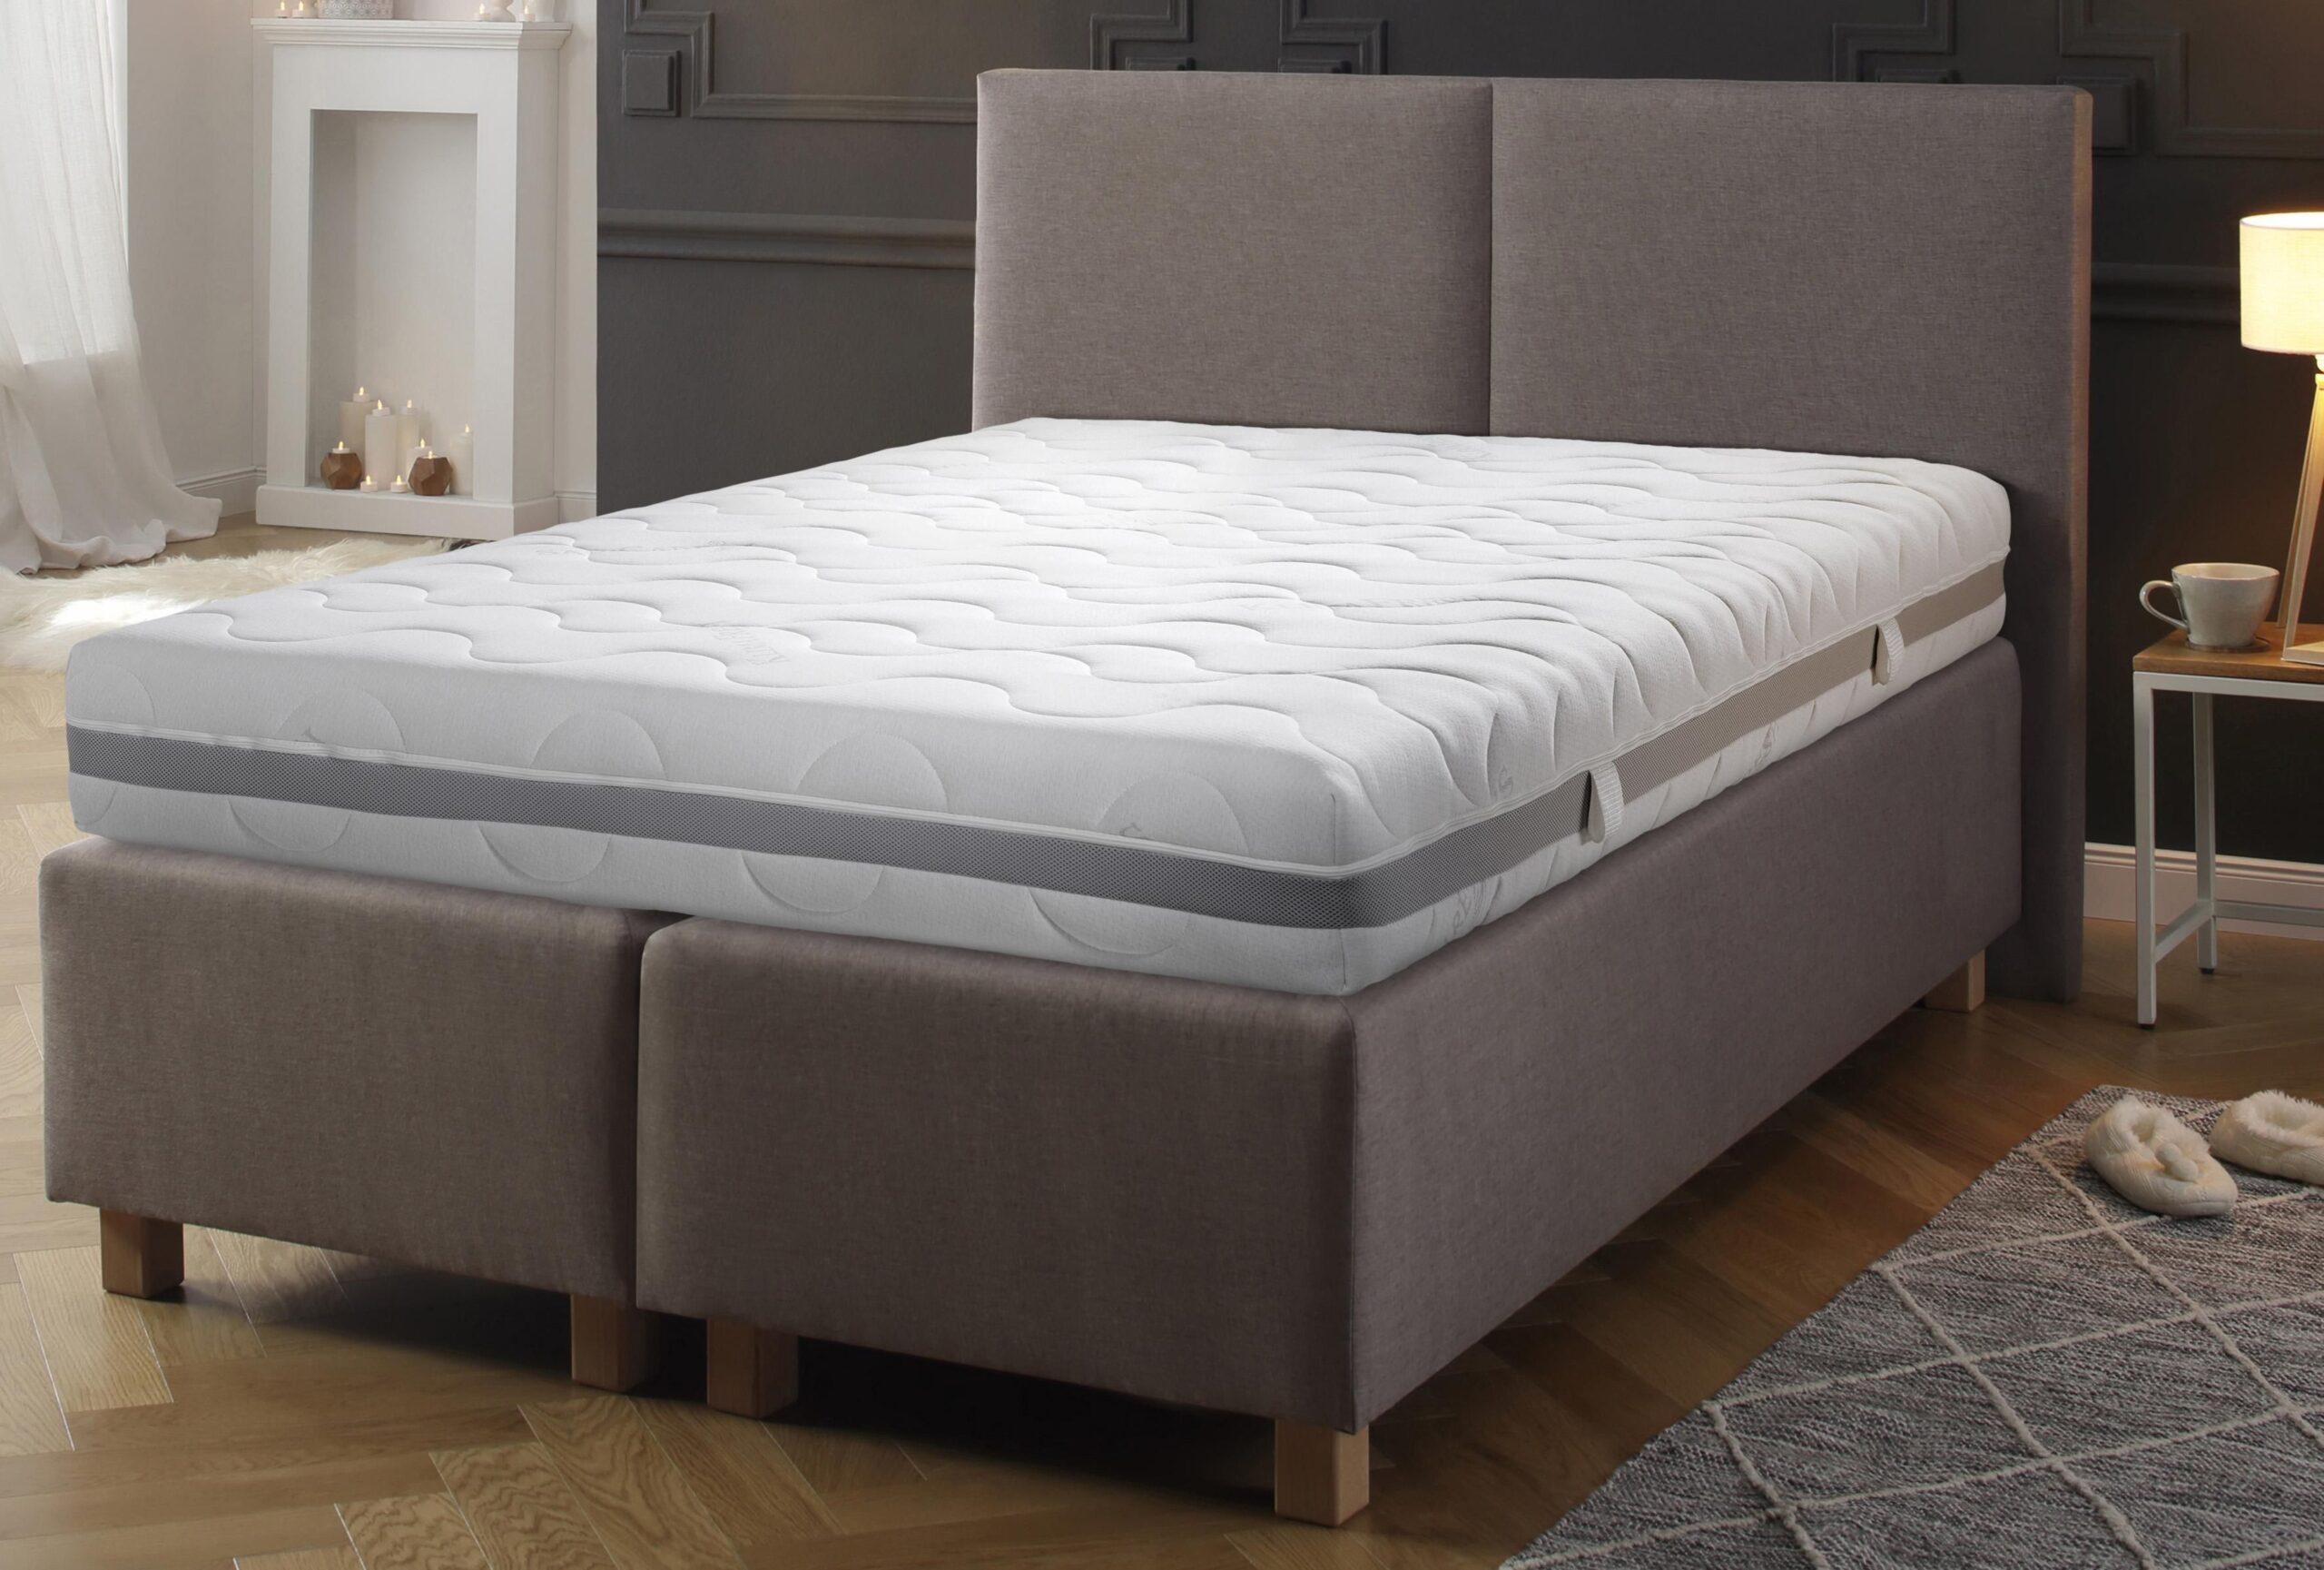 Full Size of Bett 1 20 Breit Komfortschaummatratze Sanicare Luxus Klima Beco 23 Cm Hoch In Bambus 200x220 200x200 Mit Bettkasten Betten 140x200 Weiß 180x200 Komplett Wohnzimmer Bett 1 20 Breit